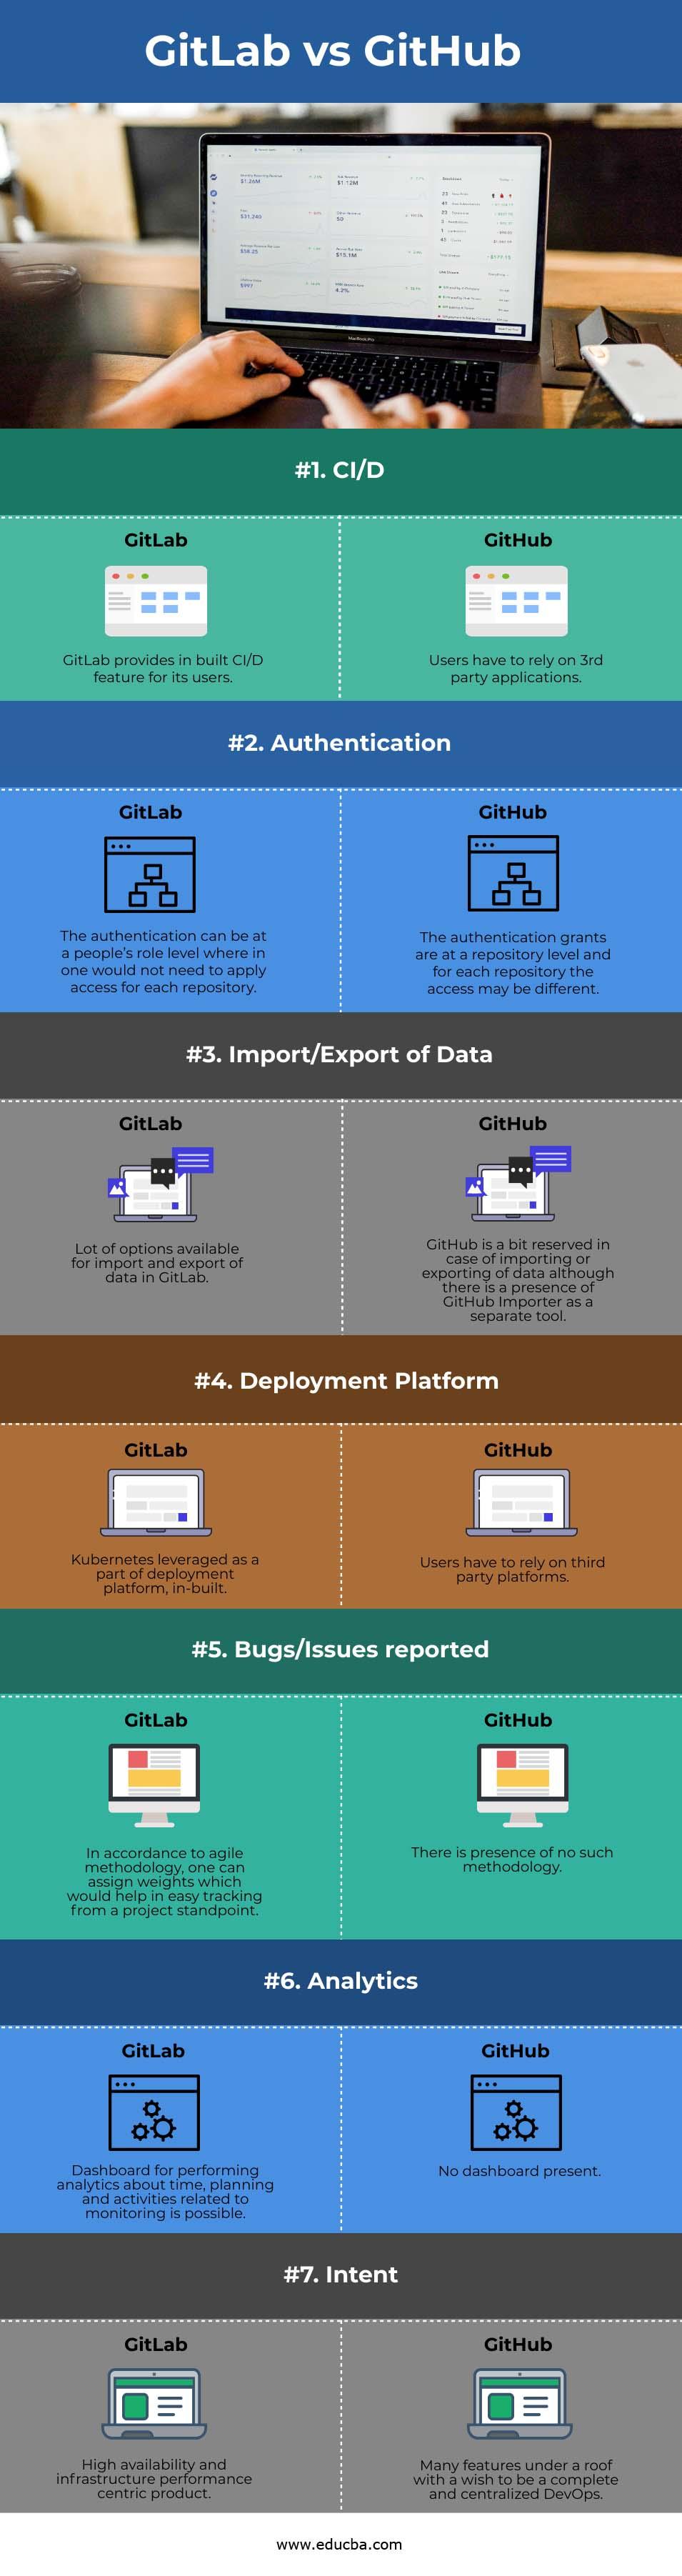 GitLab vs GitHub info